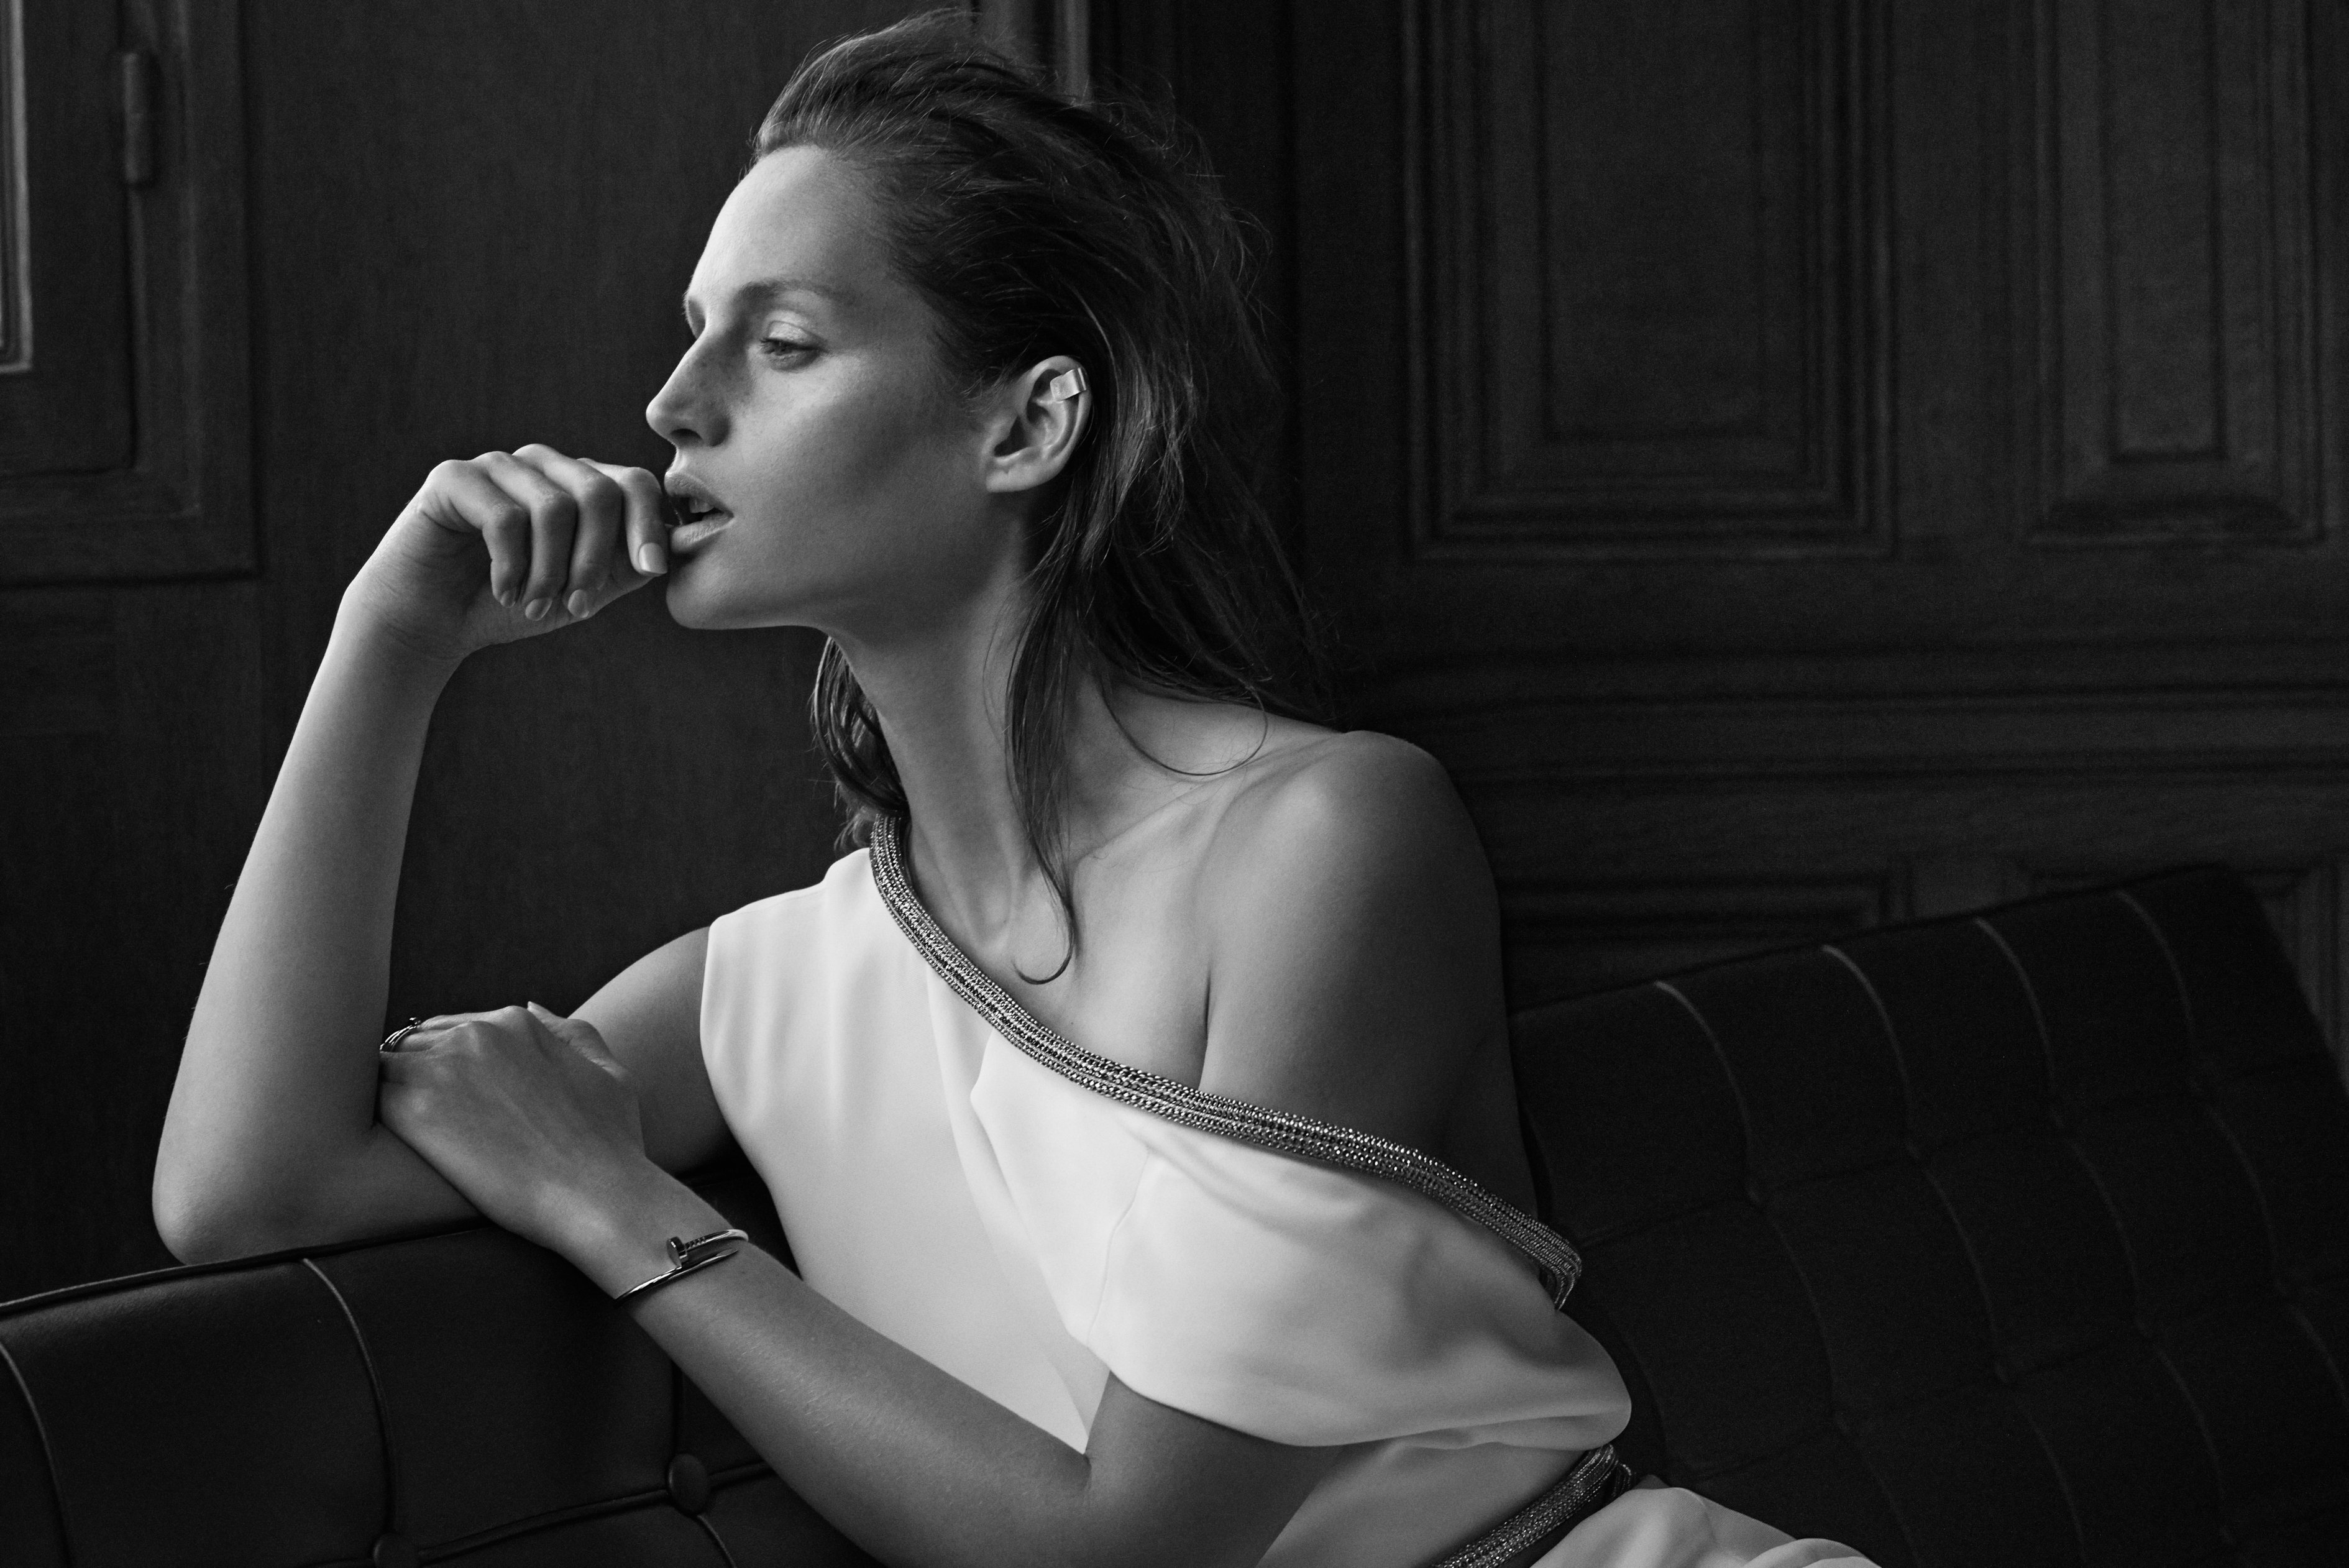 Vivien Solari nudes (18 pics), images Selfie, iCloud, cleavage 2015